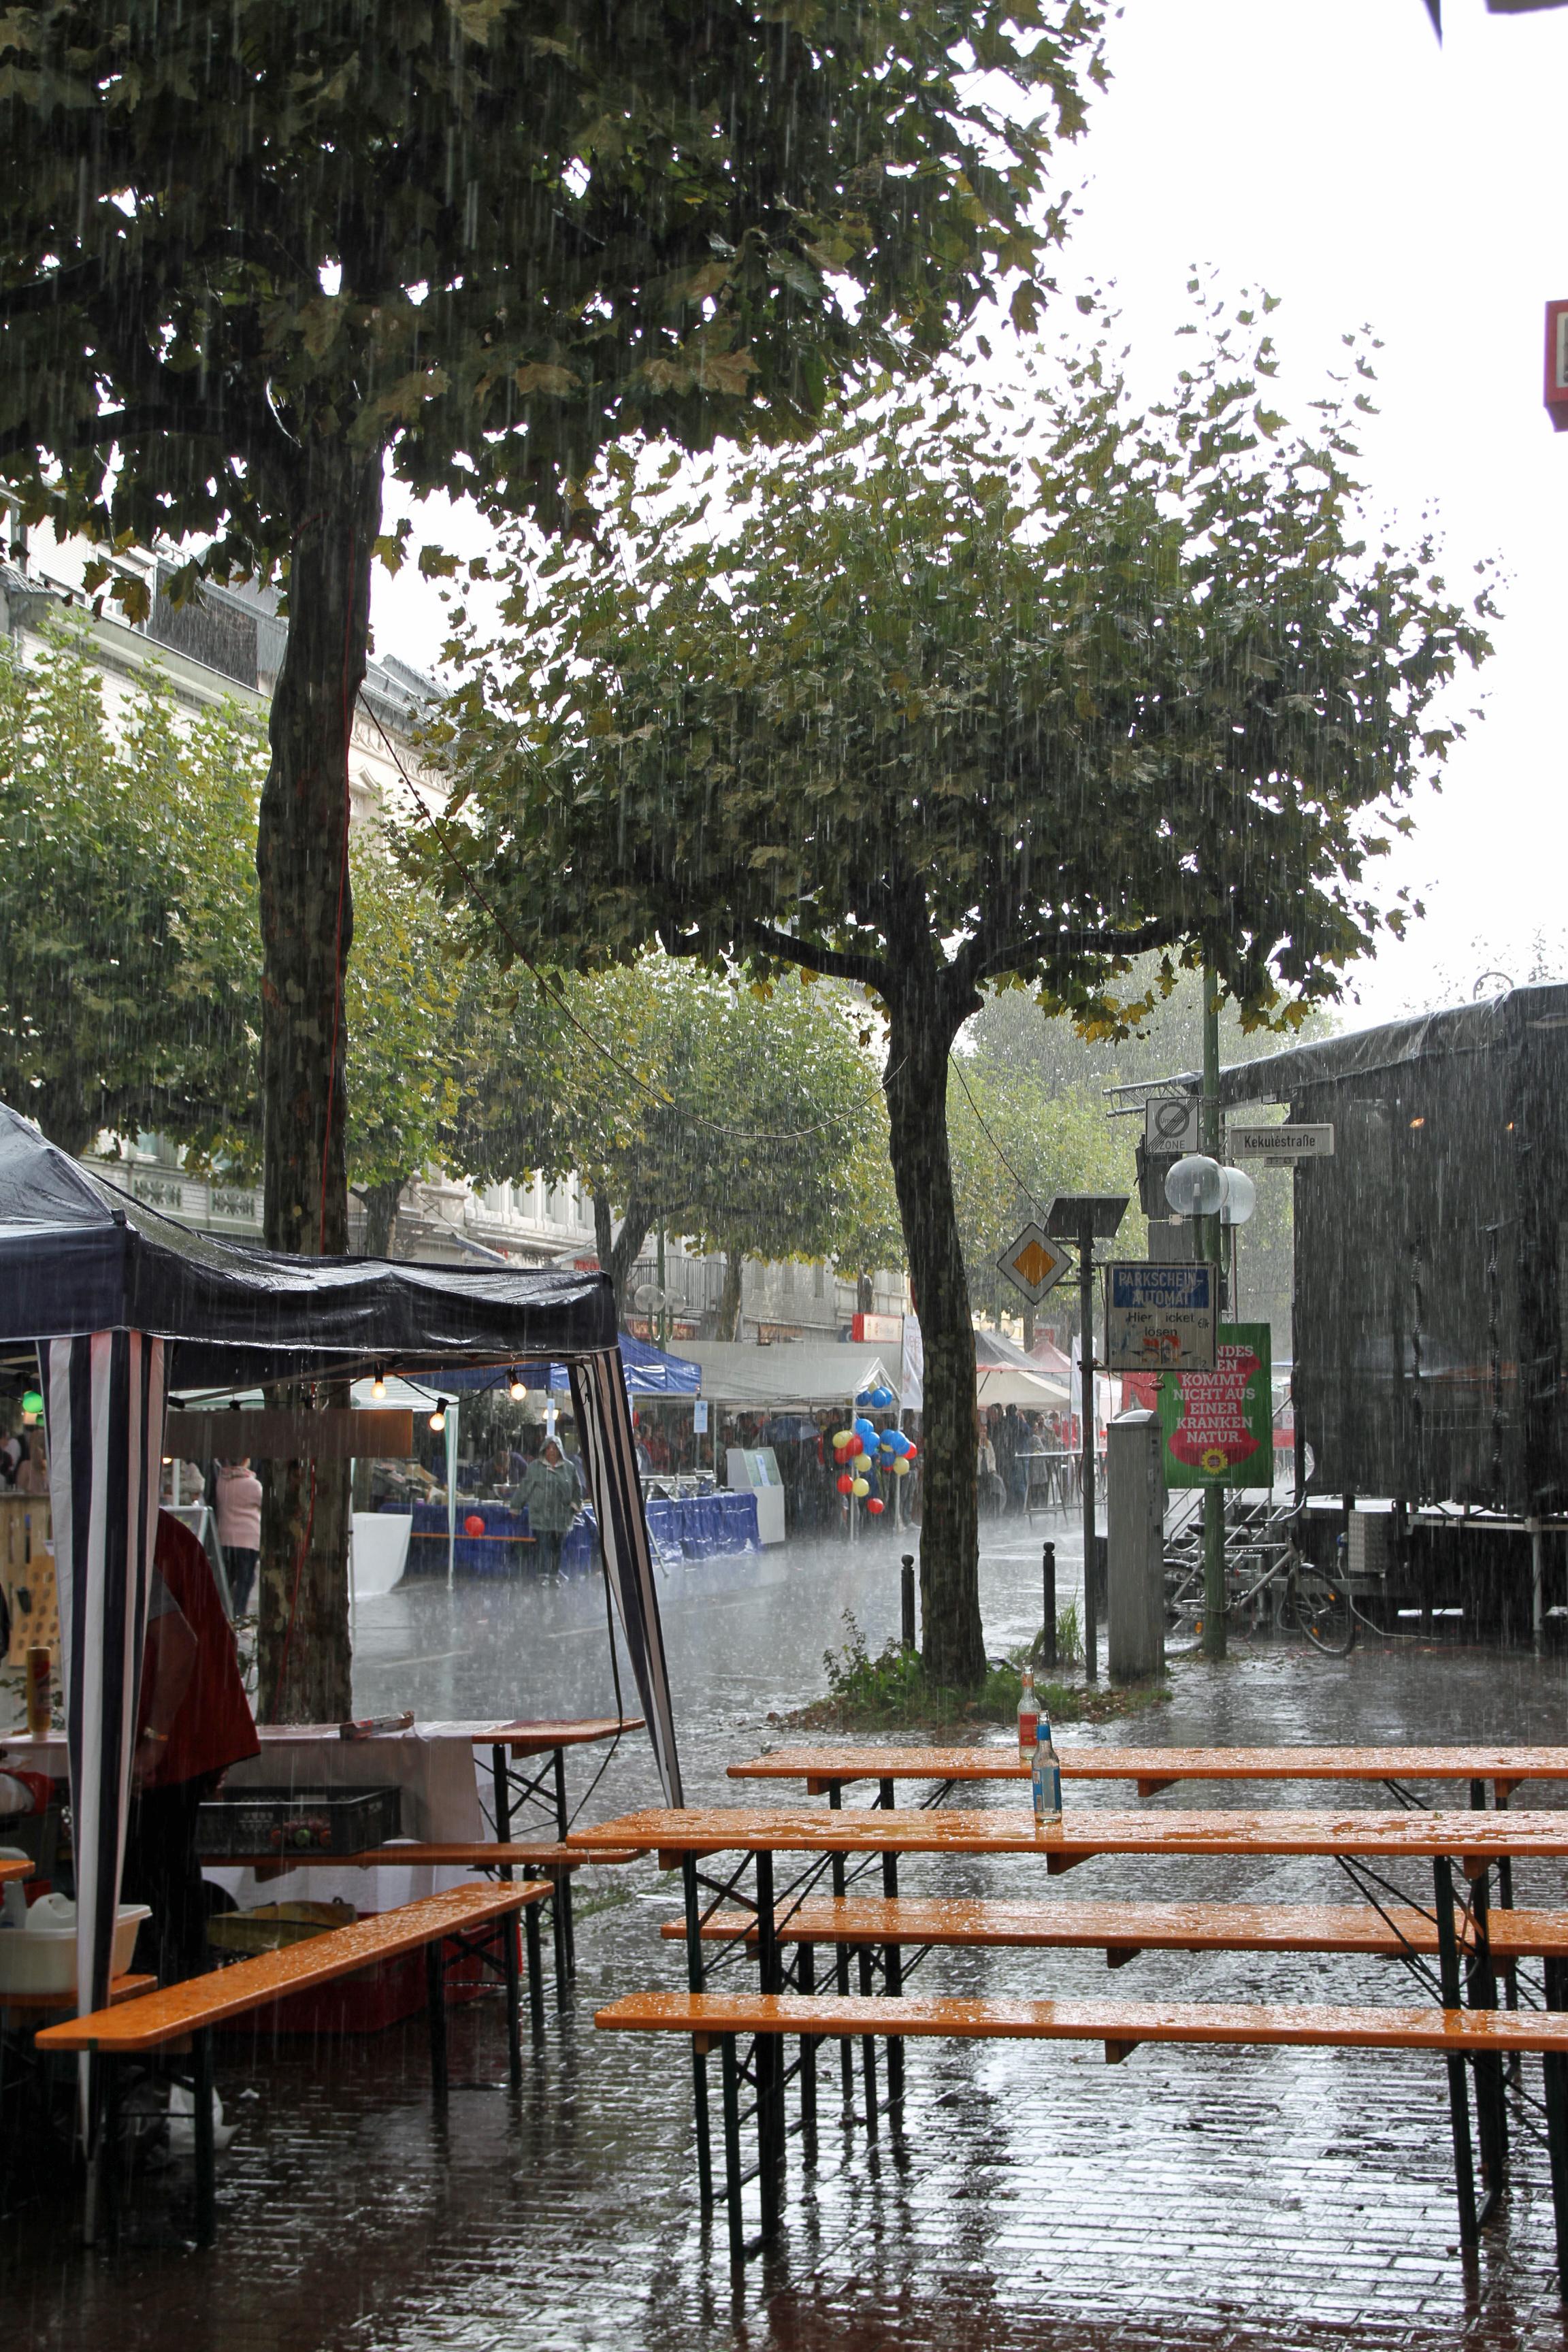 Auweia ... bisschen nass gerade